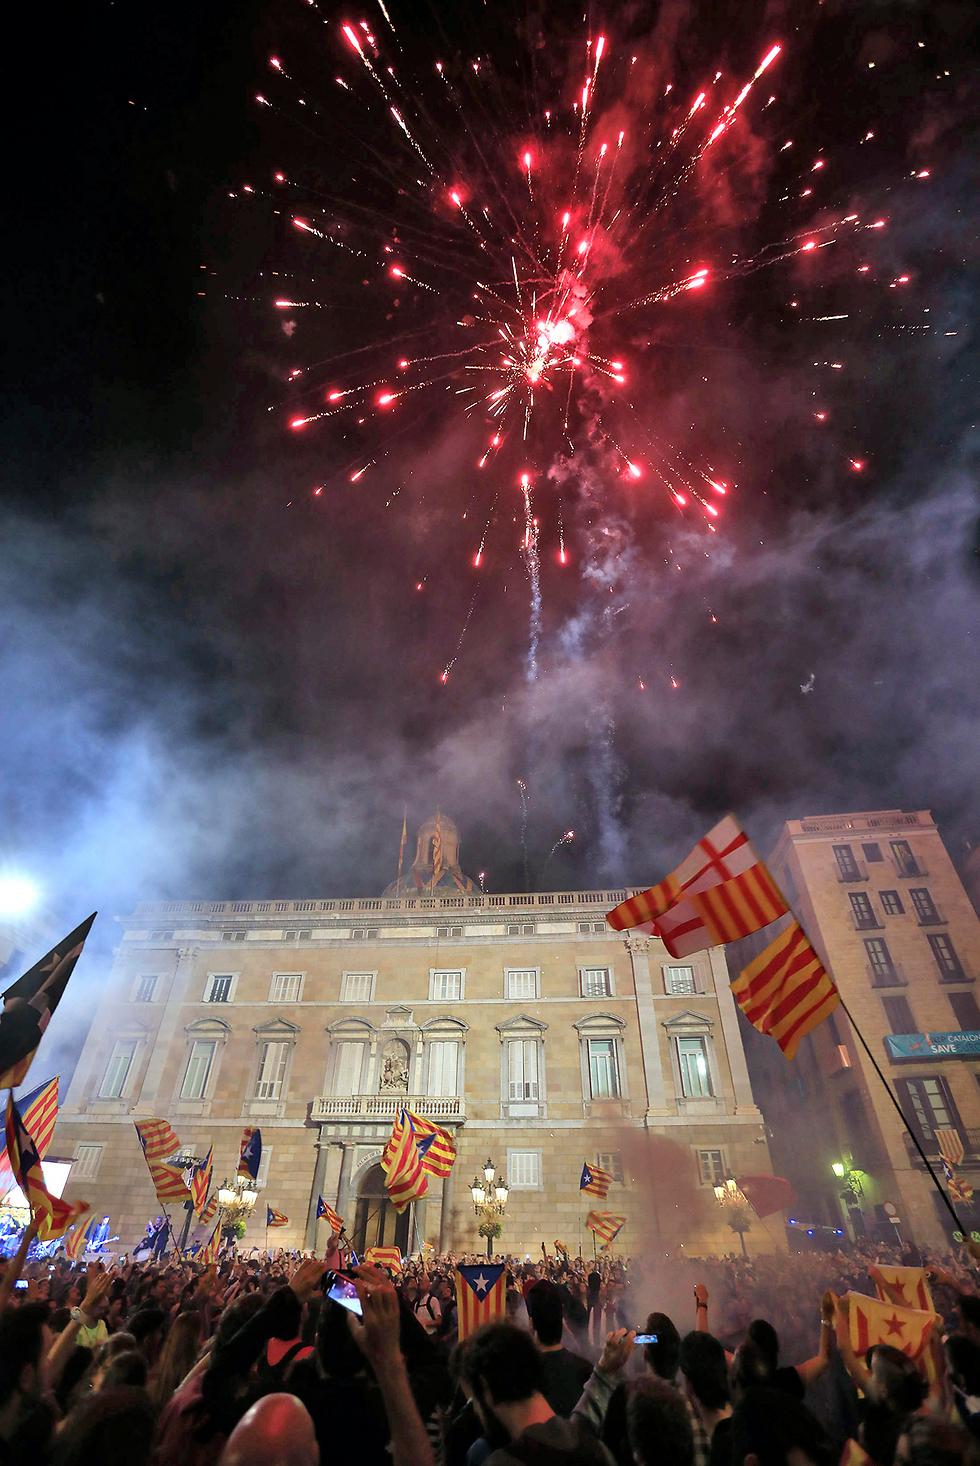 חגיגות אחרי ההצבעה על העצמאות בברצלונה (צילום: MCT) (צילום: MCT)